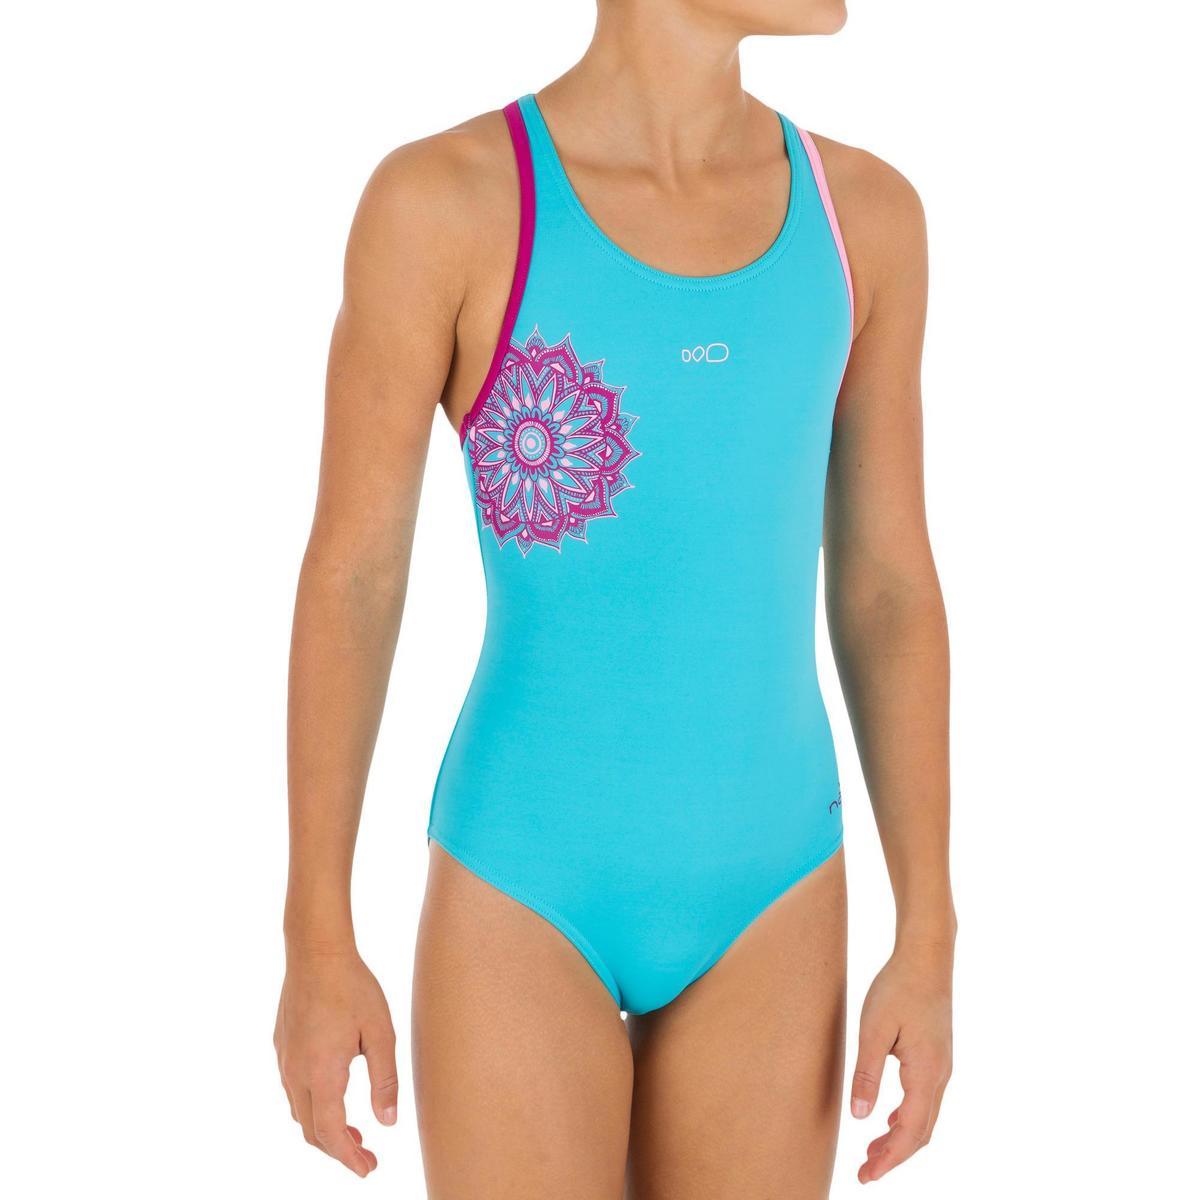 Bild 1 von Badeanzug Leony+ Mädchen blau/violett